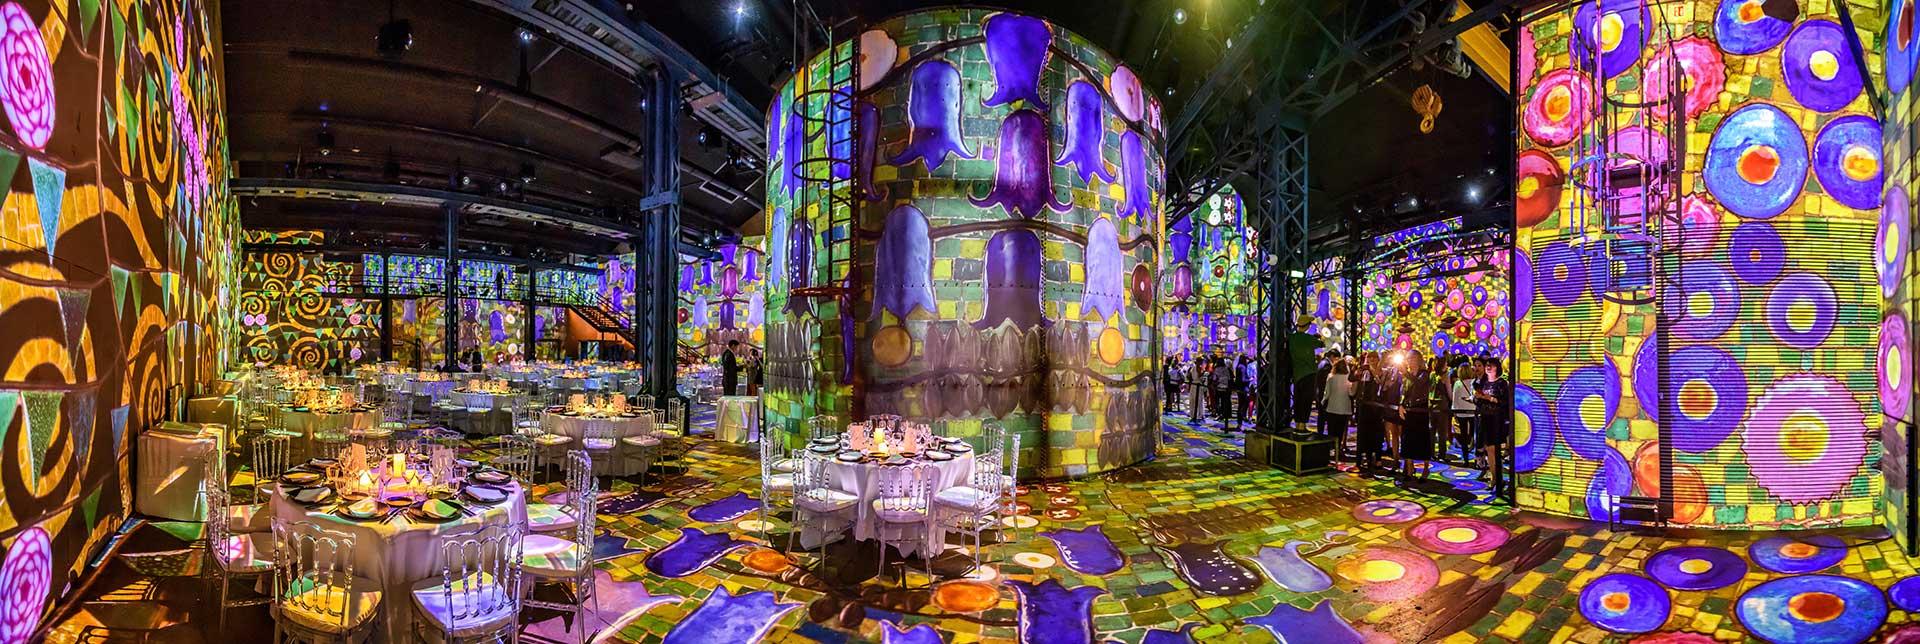 Photographe de L'Atelier des Lumières - Exposition Hundertwasser